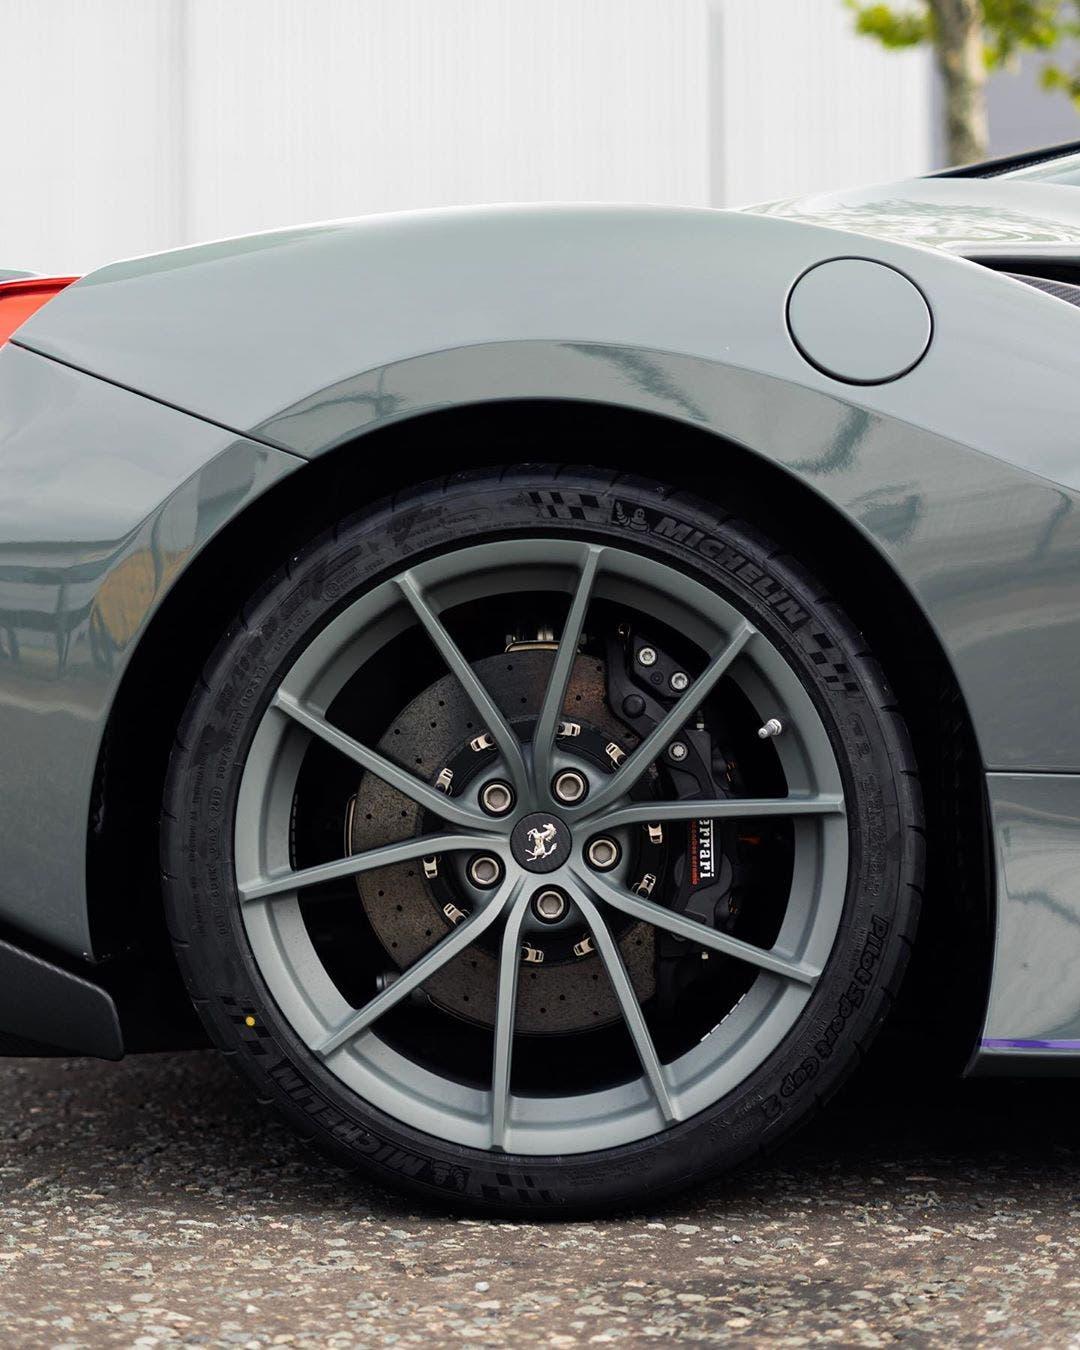 Ferrari F8 Tributo Imagined As A Spider: Ferrari 488 Pista: Ecco Un Esemplare Rivestito In Grigio